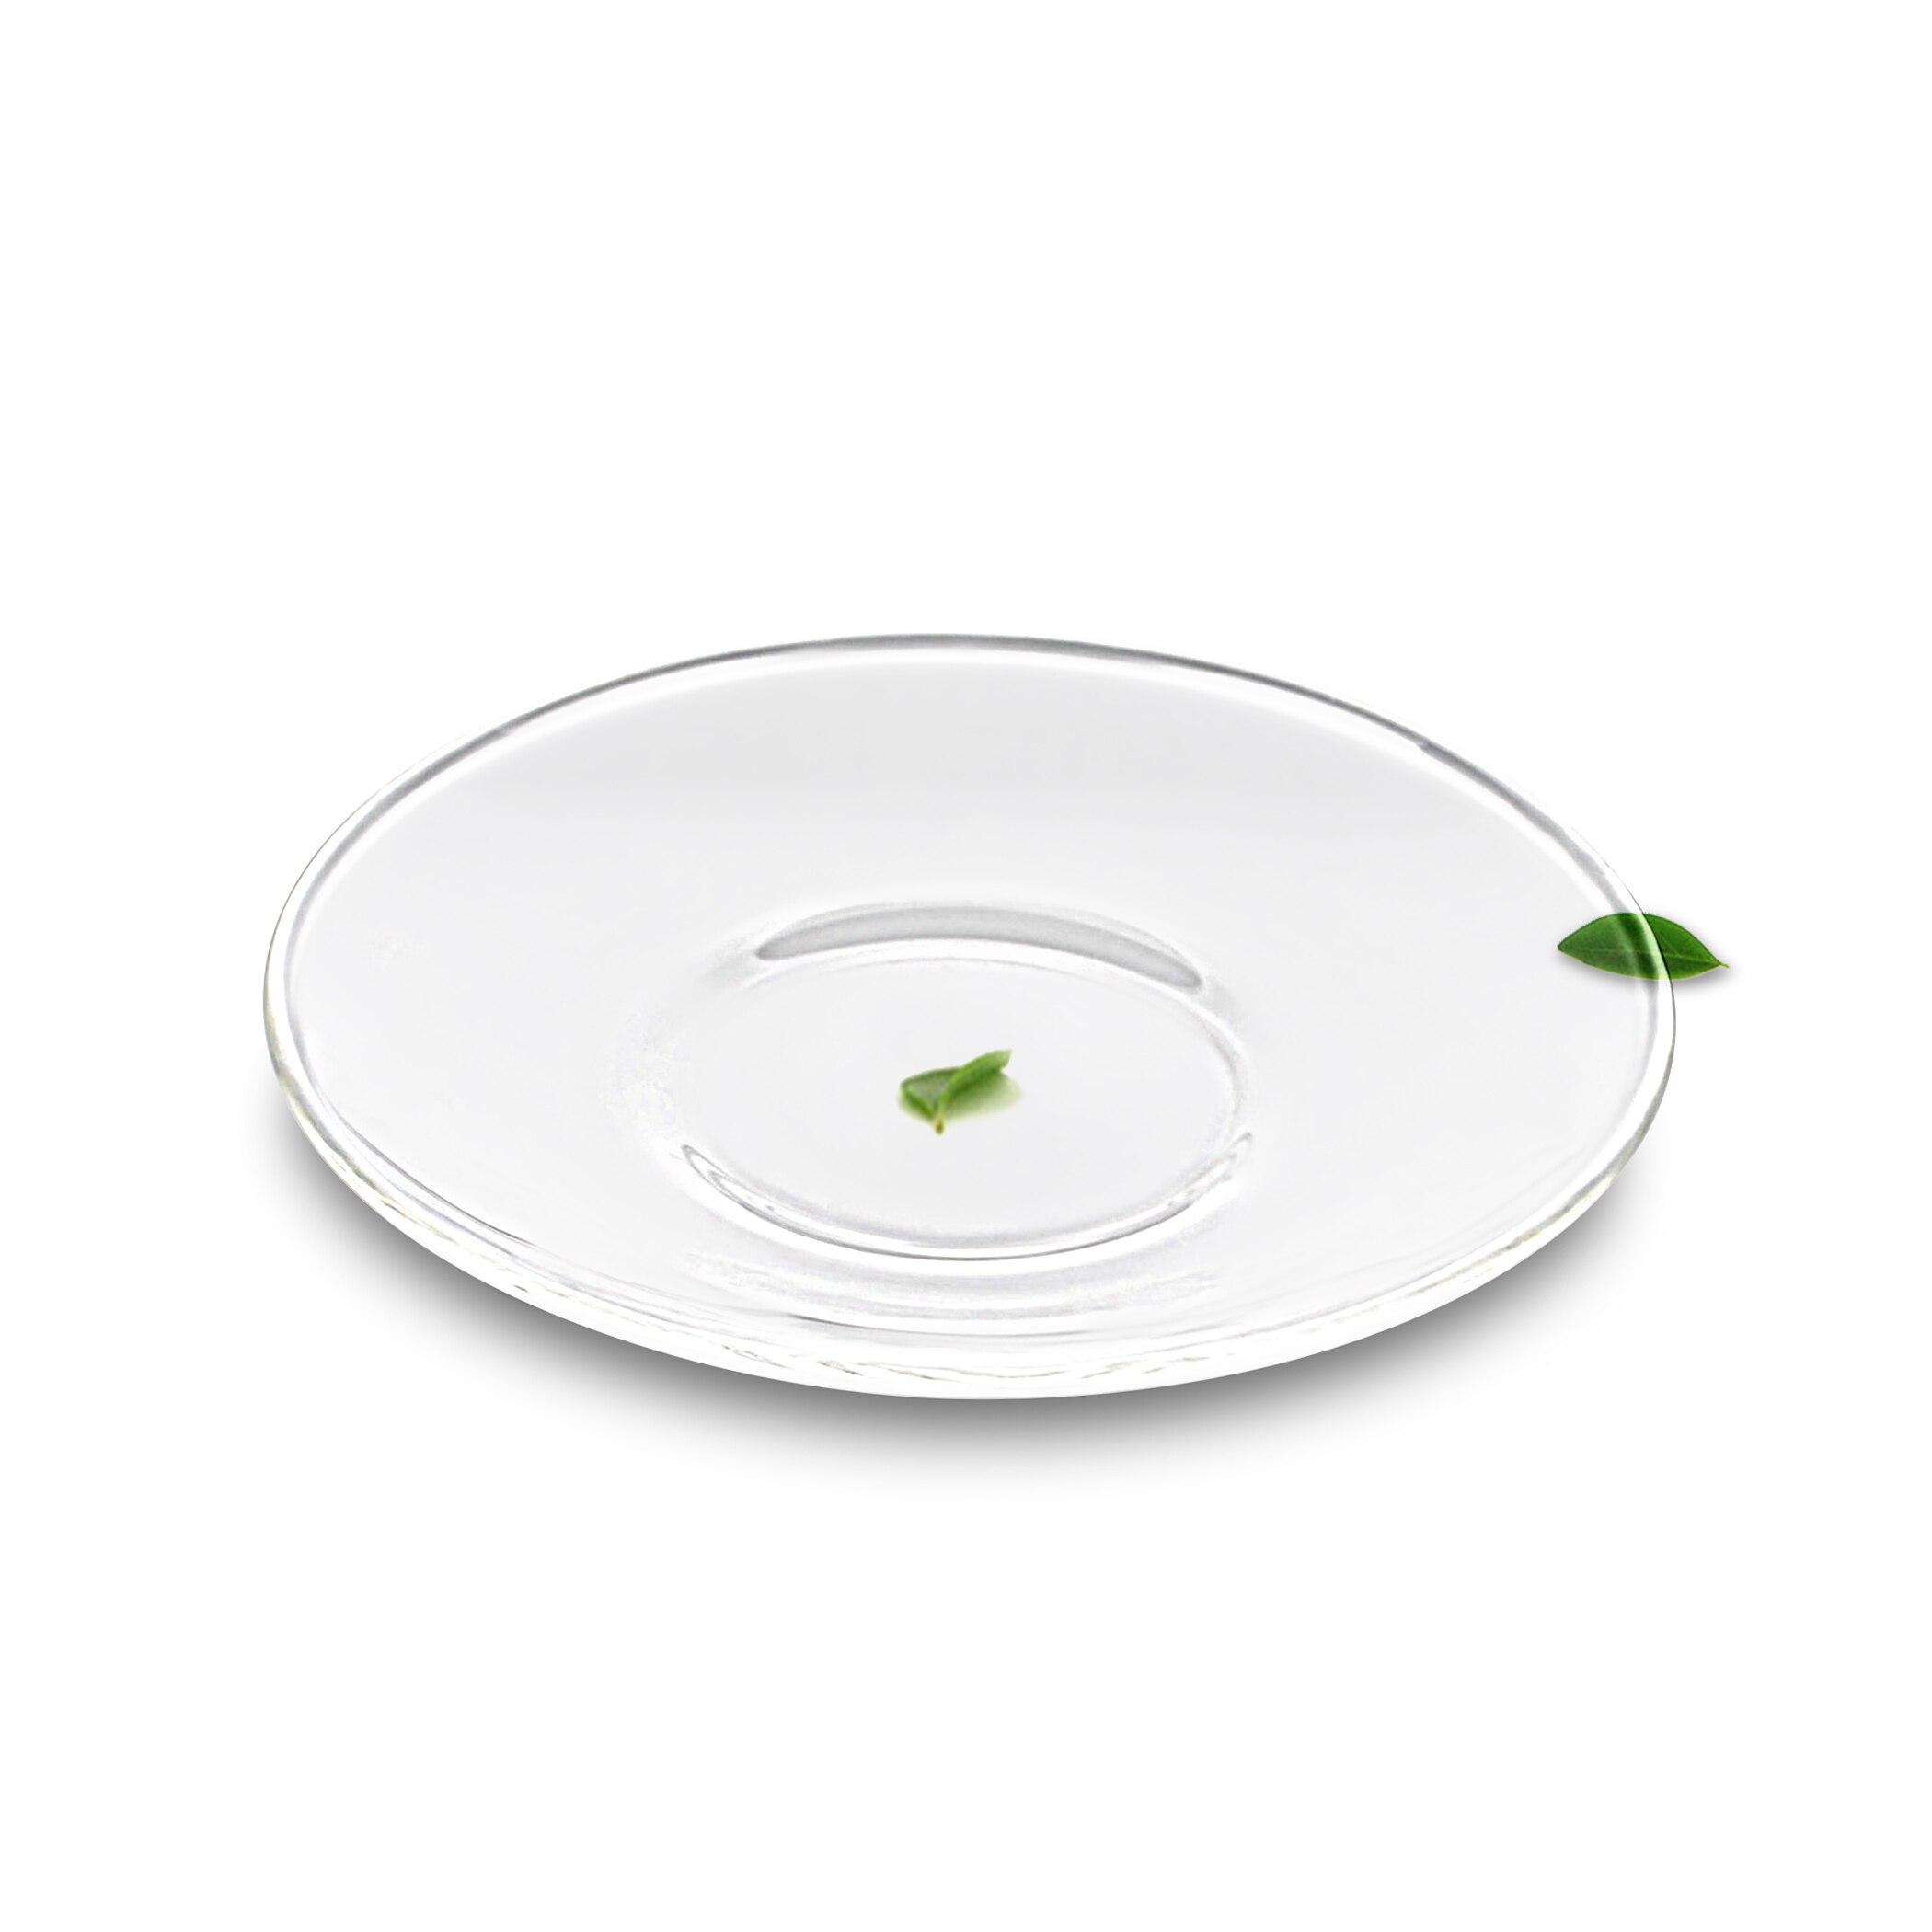 Много жаростойких прозрачных стеклянных чашек для чая и кофе тарелка-L наружный диаметр 125 мм